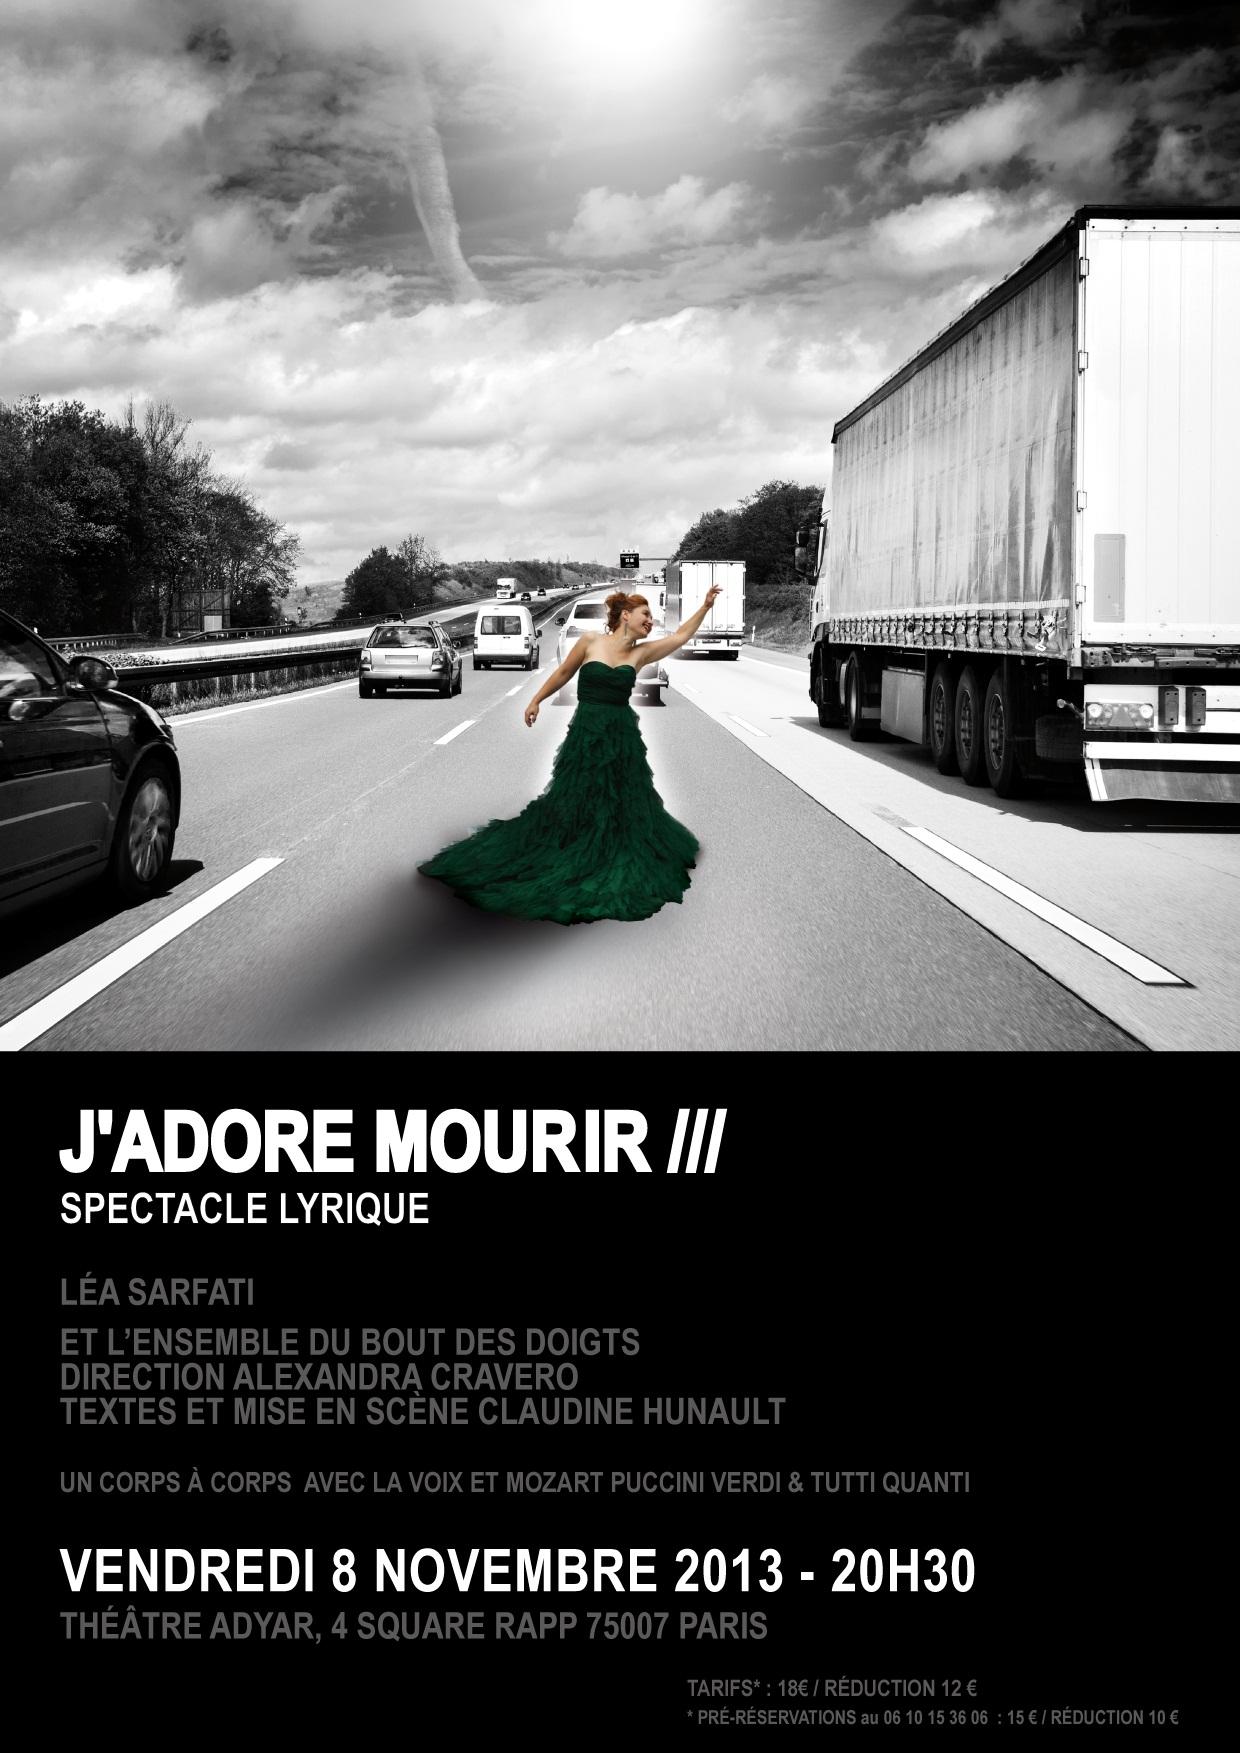 affiche-jadore-mourir-bd-1